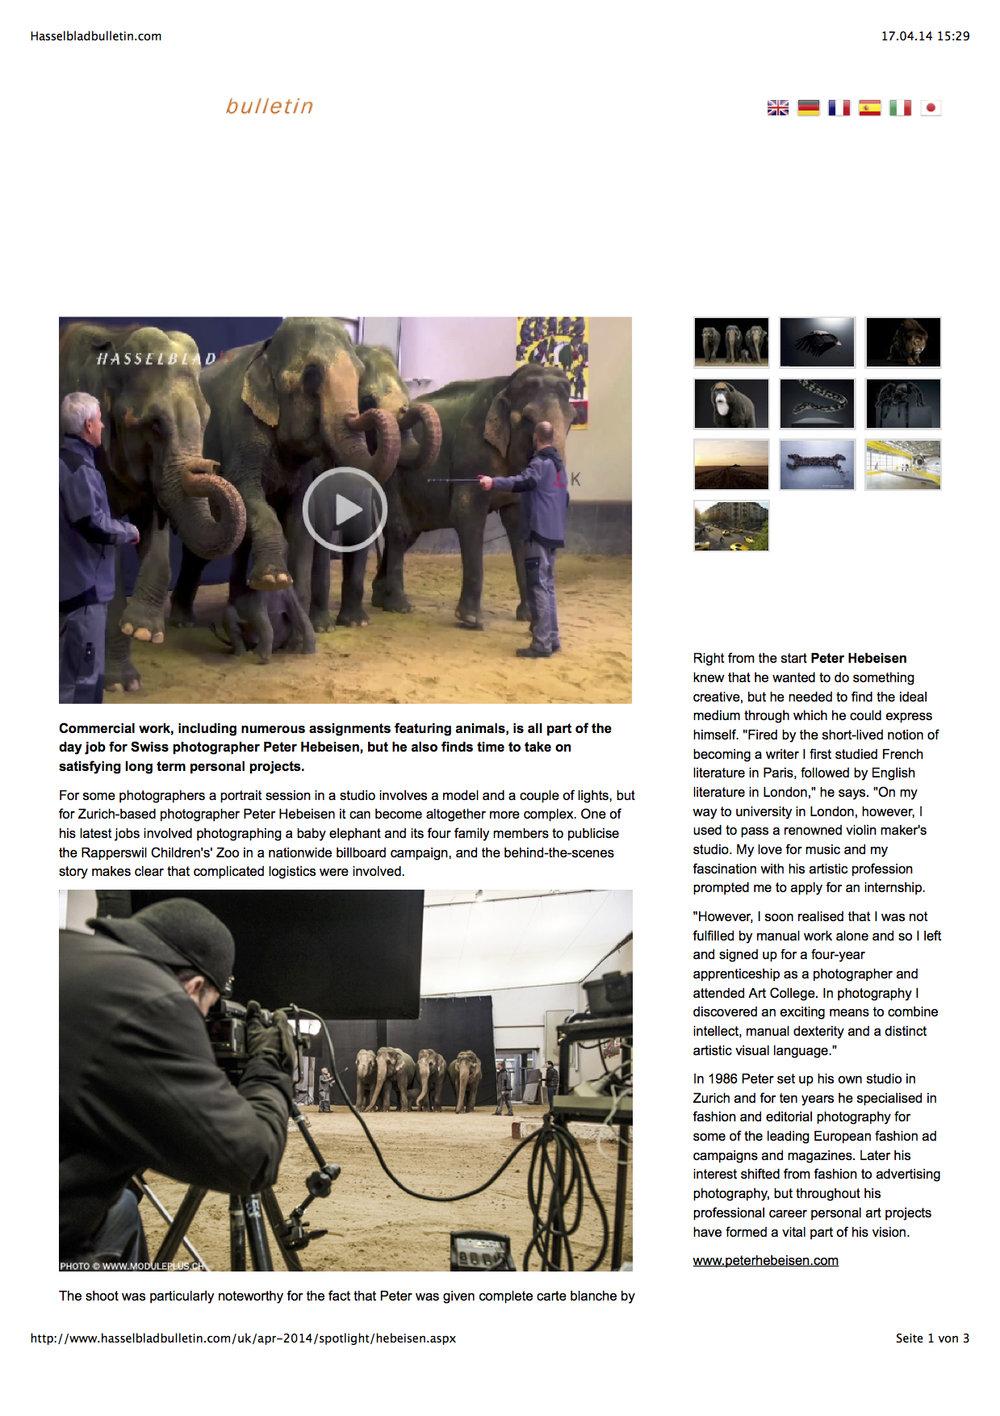 Hasselbladbulletin.com_1